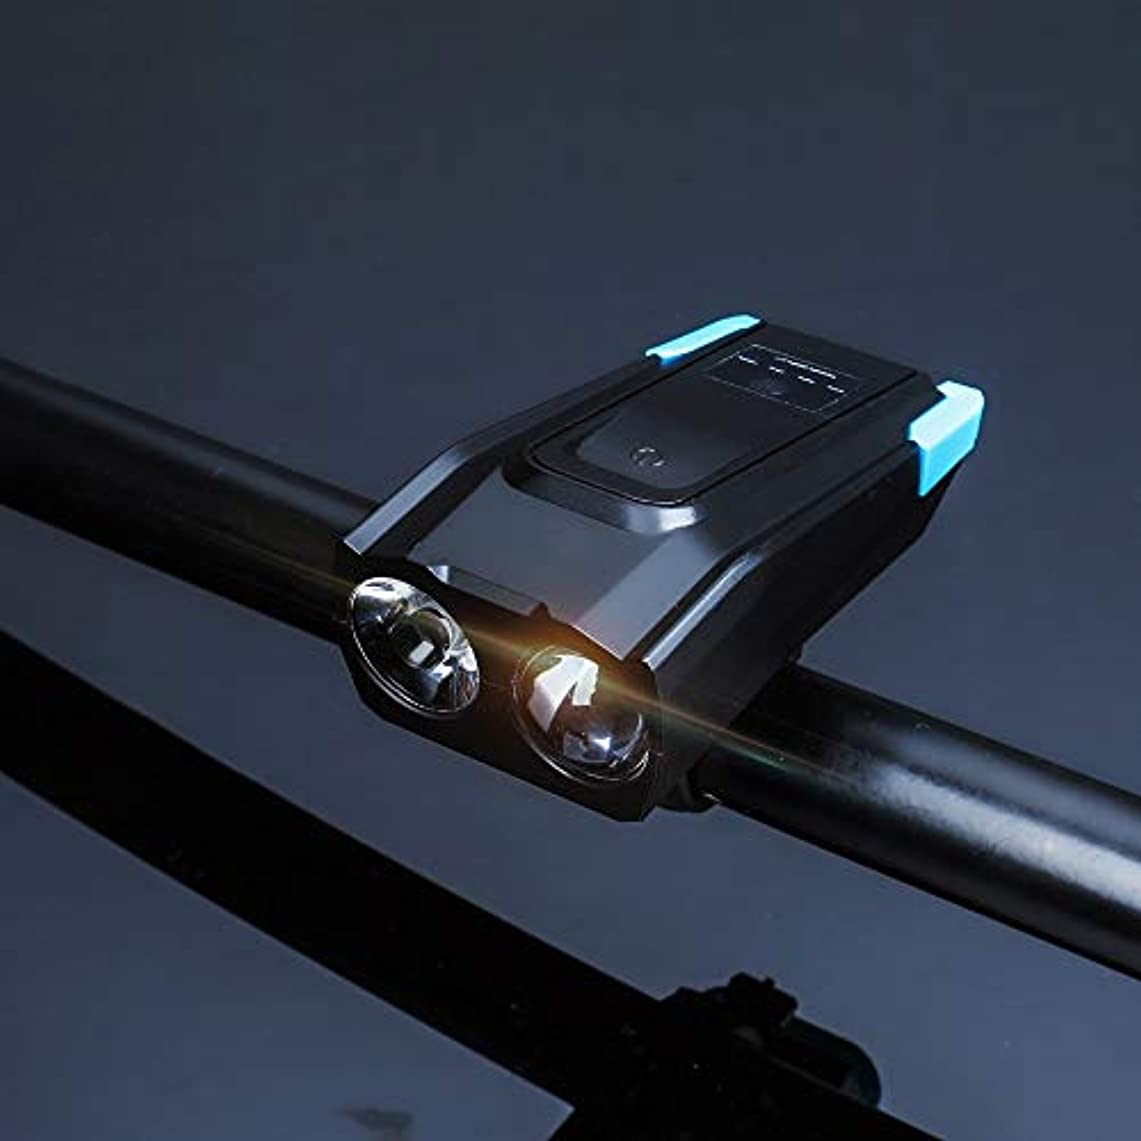 すり減る志すパーフェルビッドLumières de vélo rechargeables スーパーブライト(800ルーメン)充電式自転車ライトセット(ローバッテリーインジケーター付き)、4000mAhリチウムバッテリー、耐水性 - すべての自転車に対応、簡単インストール&クイックリリース(USBケーブル付き) (Color : Blue)